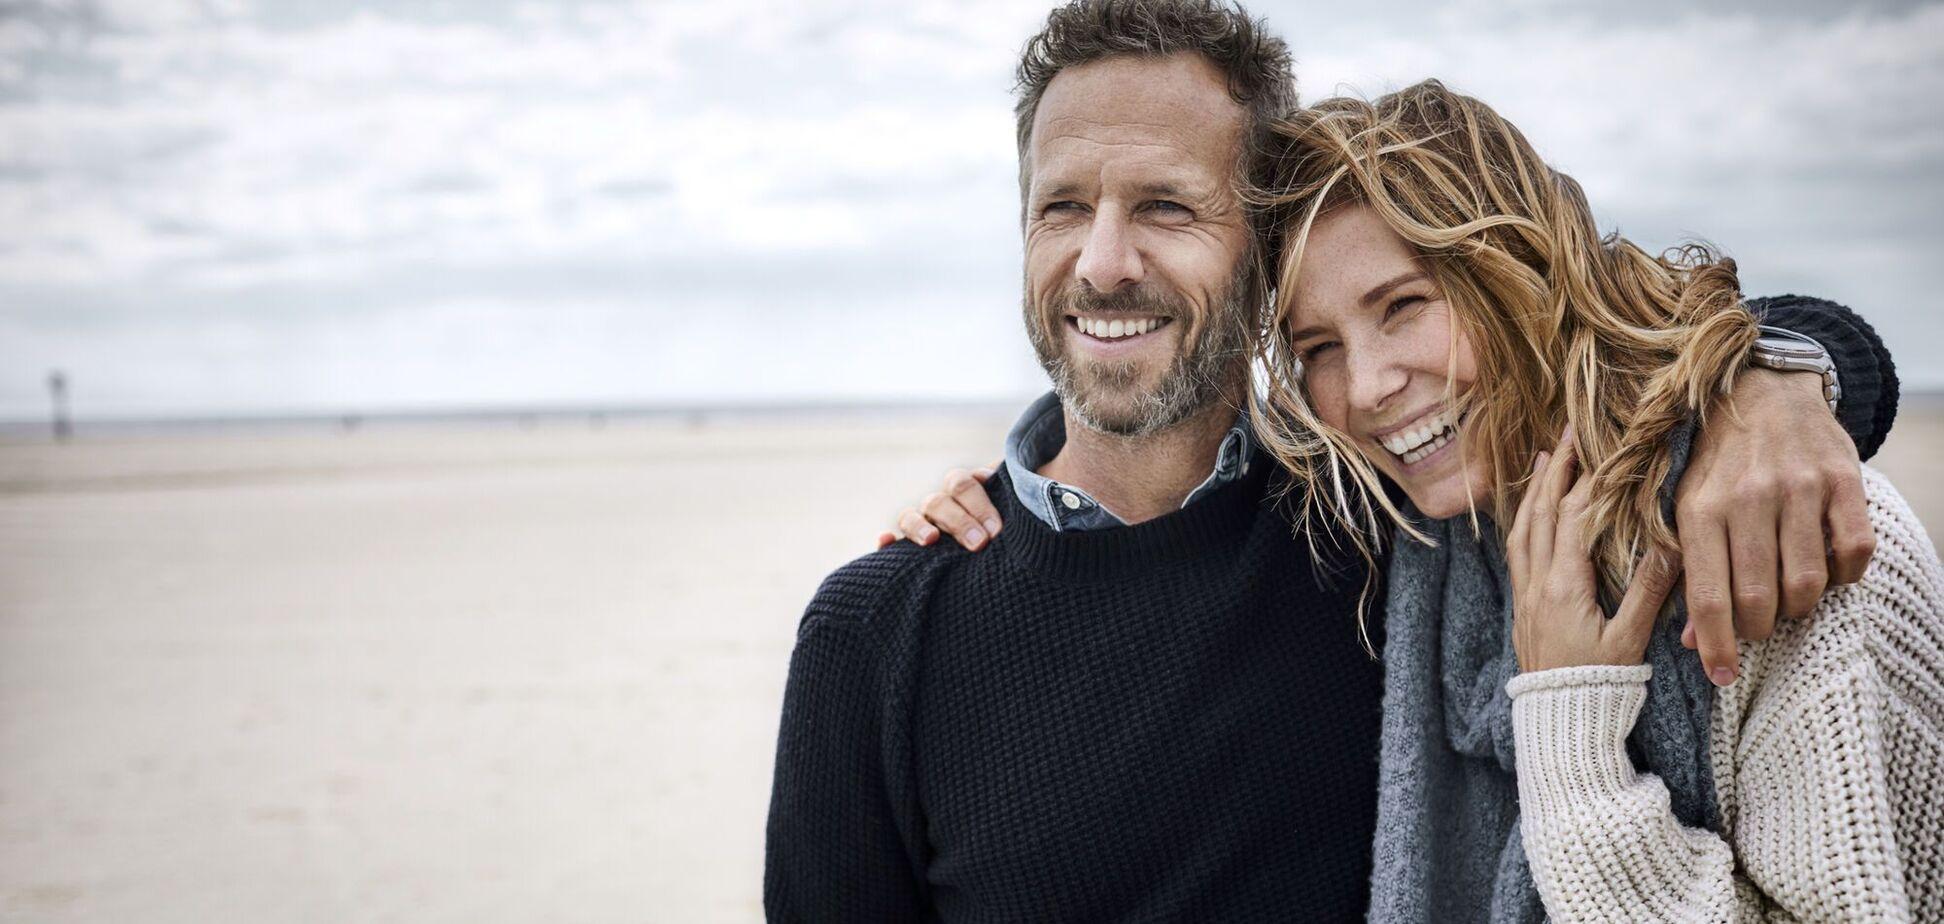 Мужчина и женщина: между зависимостью и свободой